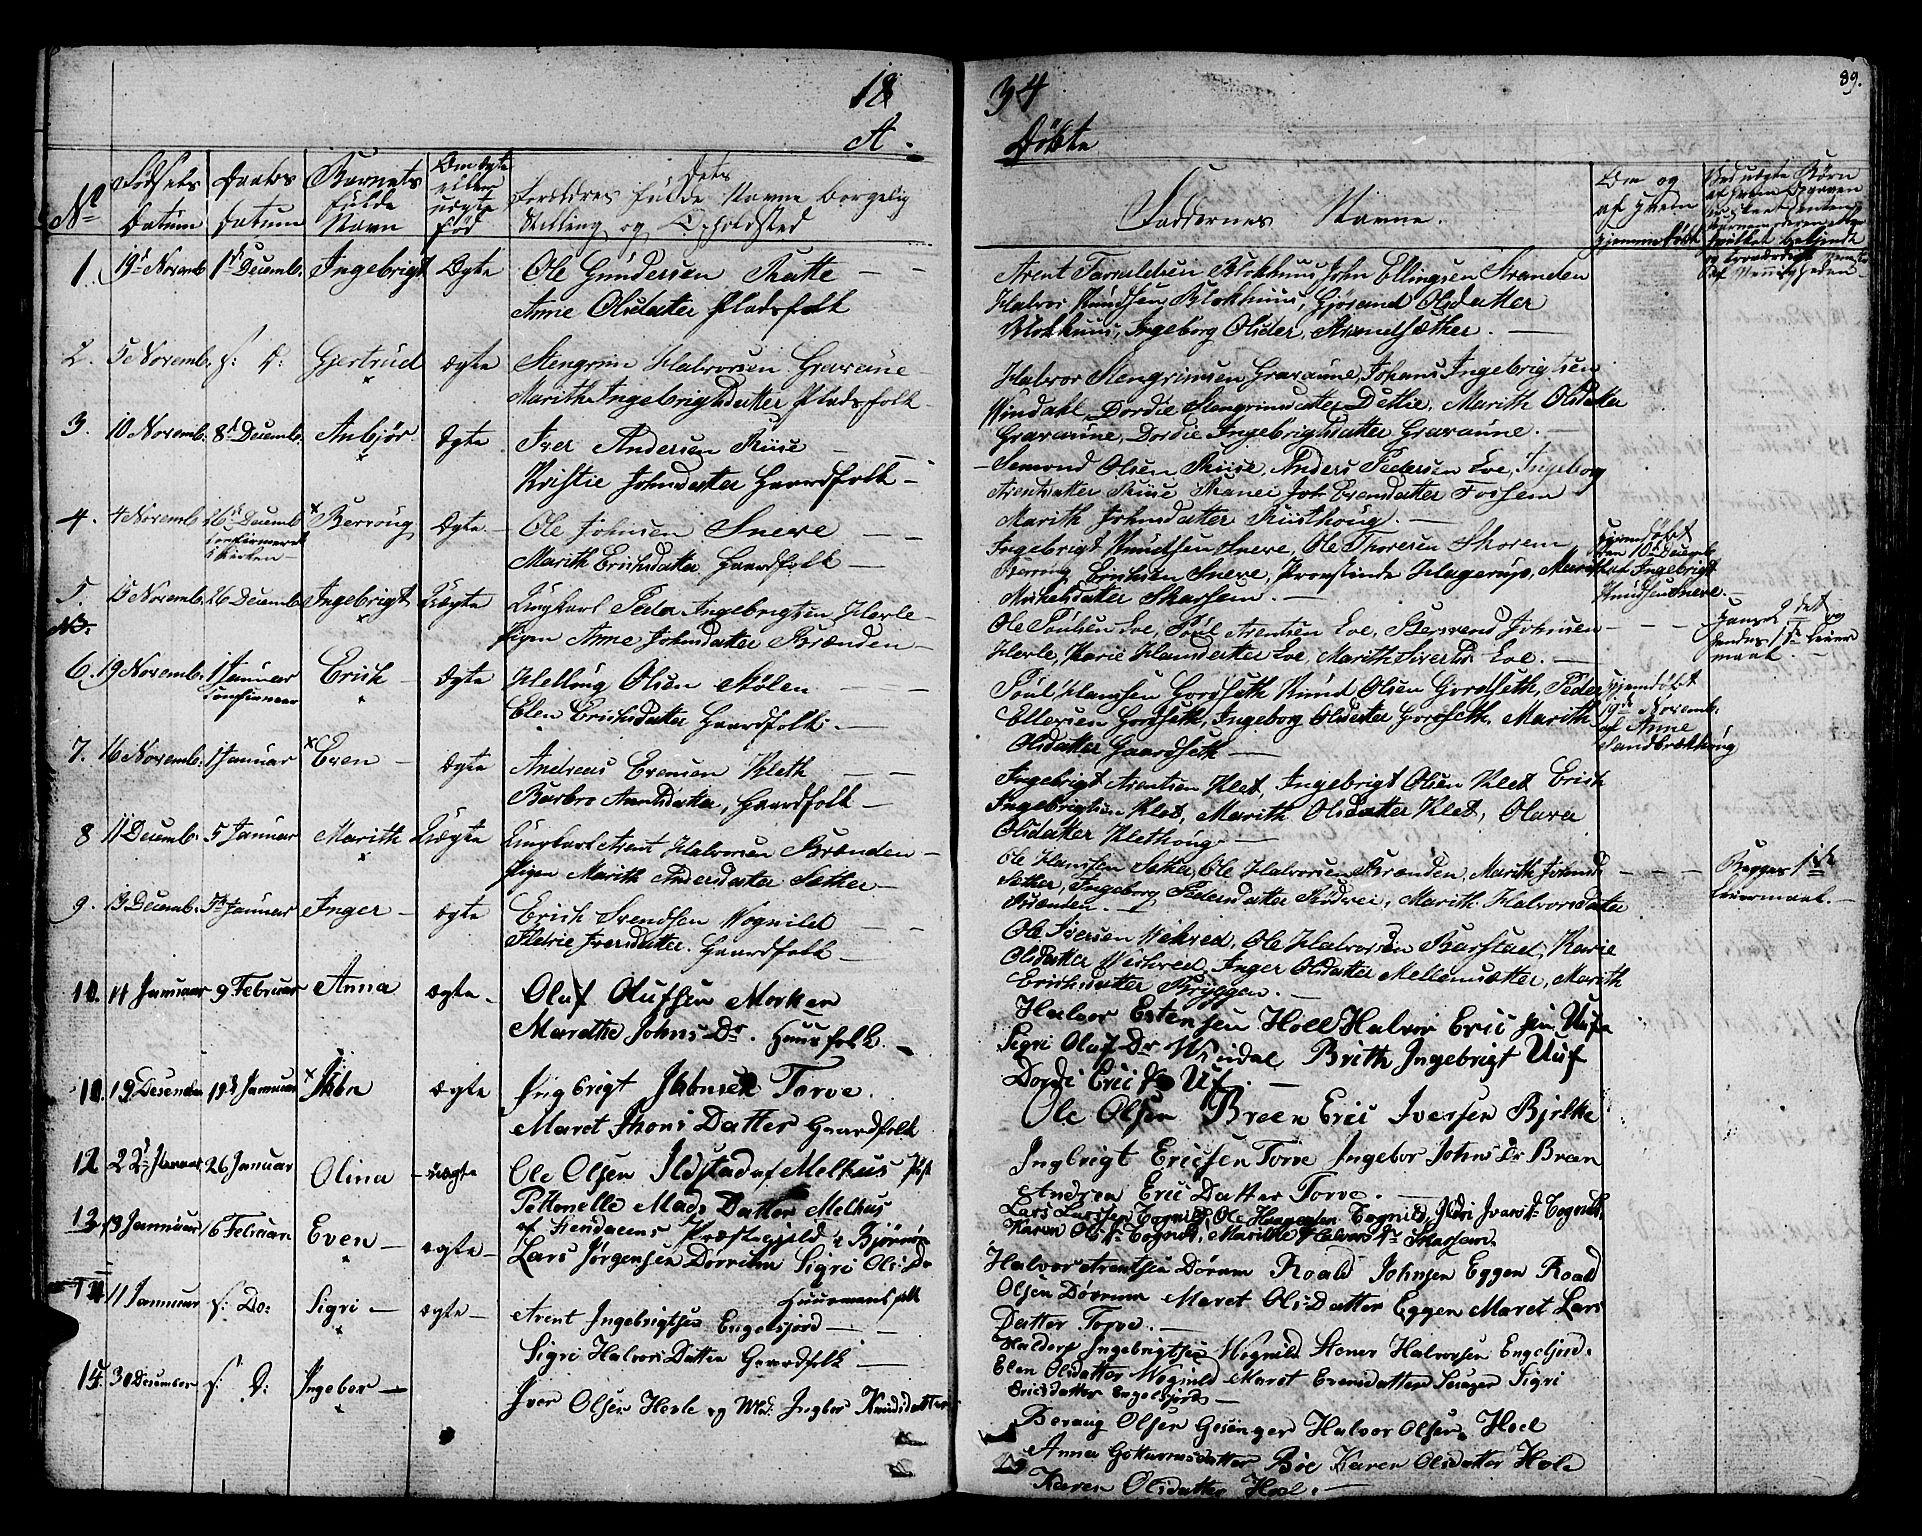 SAT, Ministerialprotokoller, klokkerbøker og fødselsregistre - Sør-Trøndelag, 678/L0897: Ministerialbok nr. 678A06-07, 1821-1847, s. 89